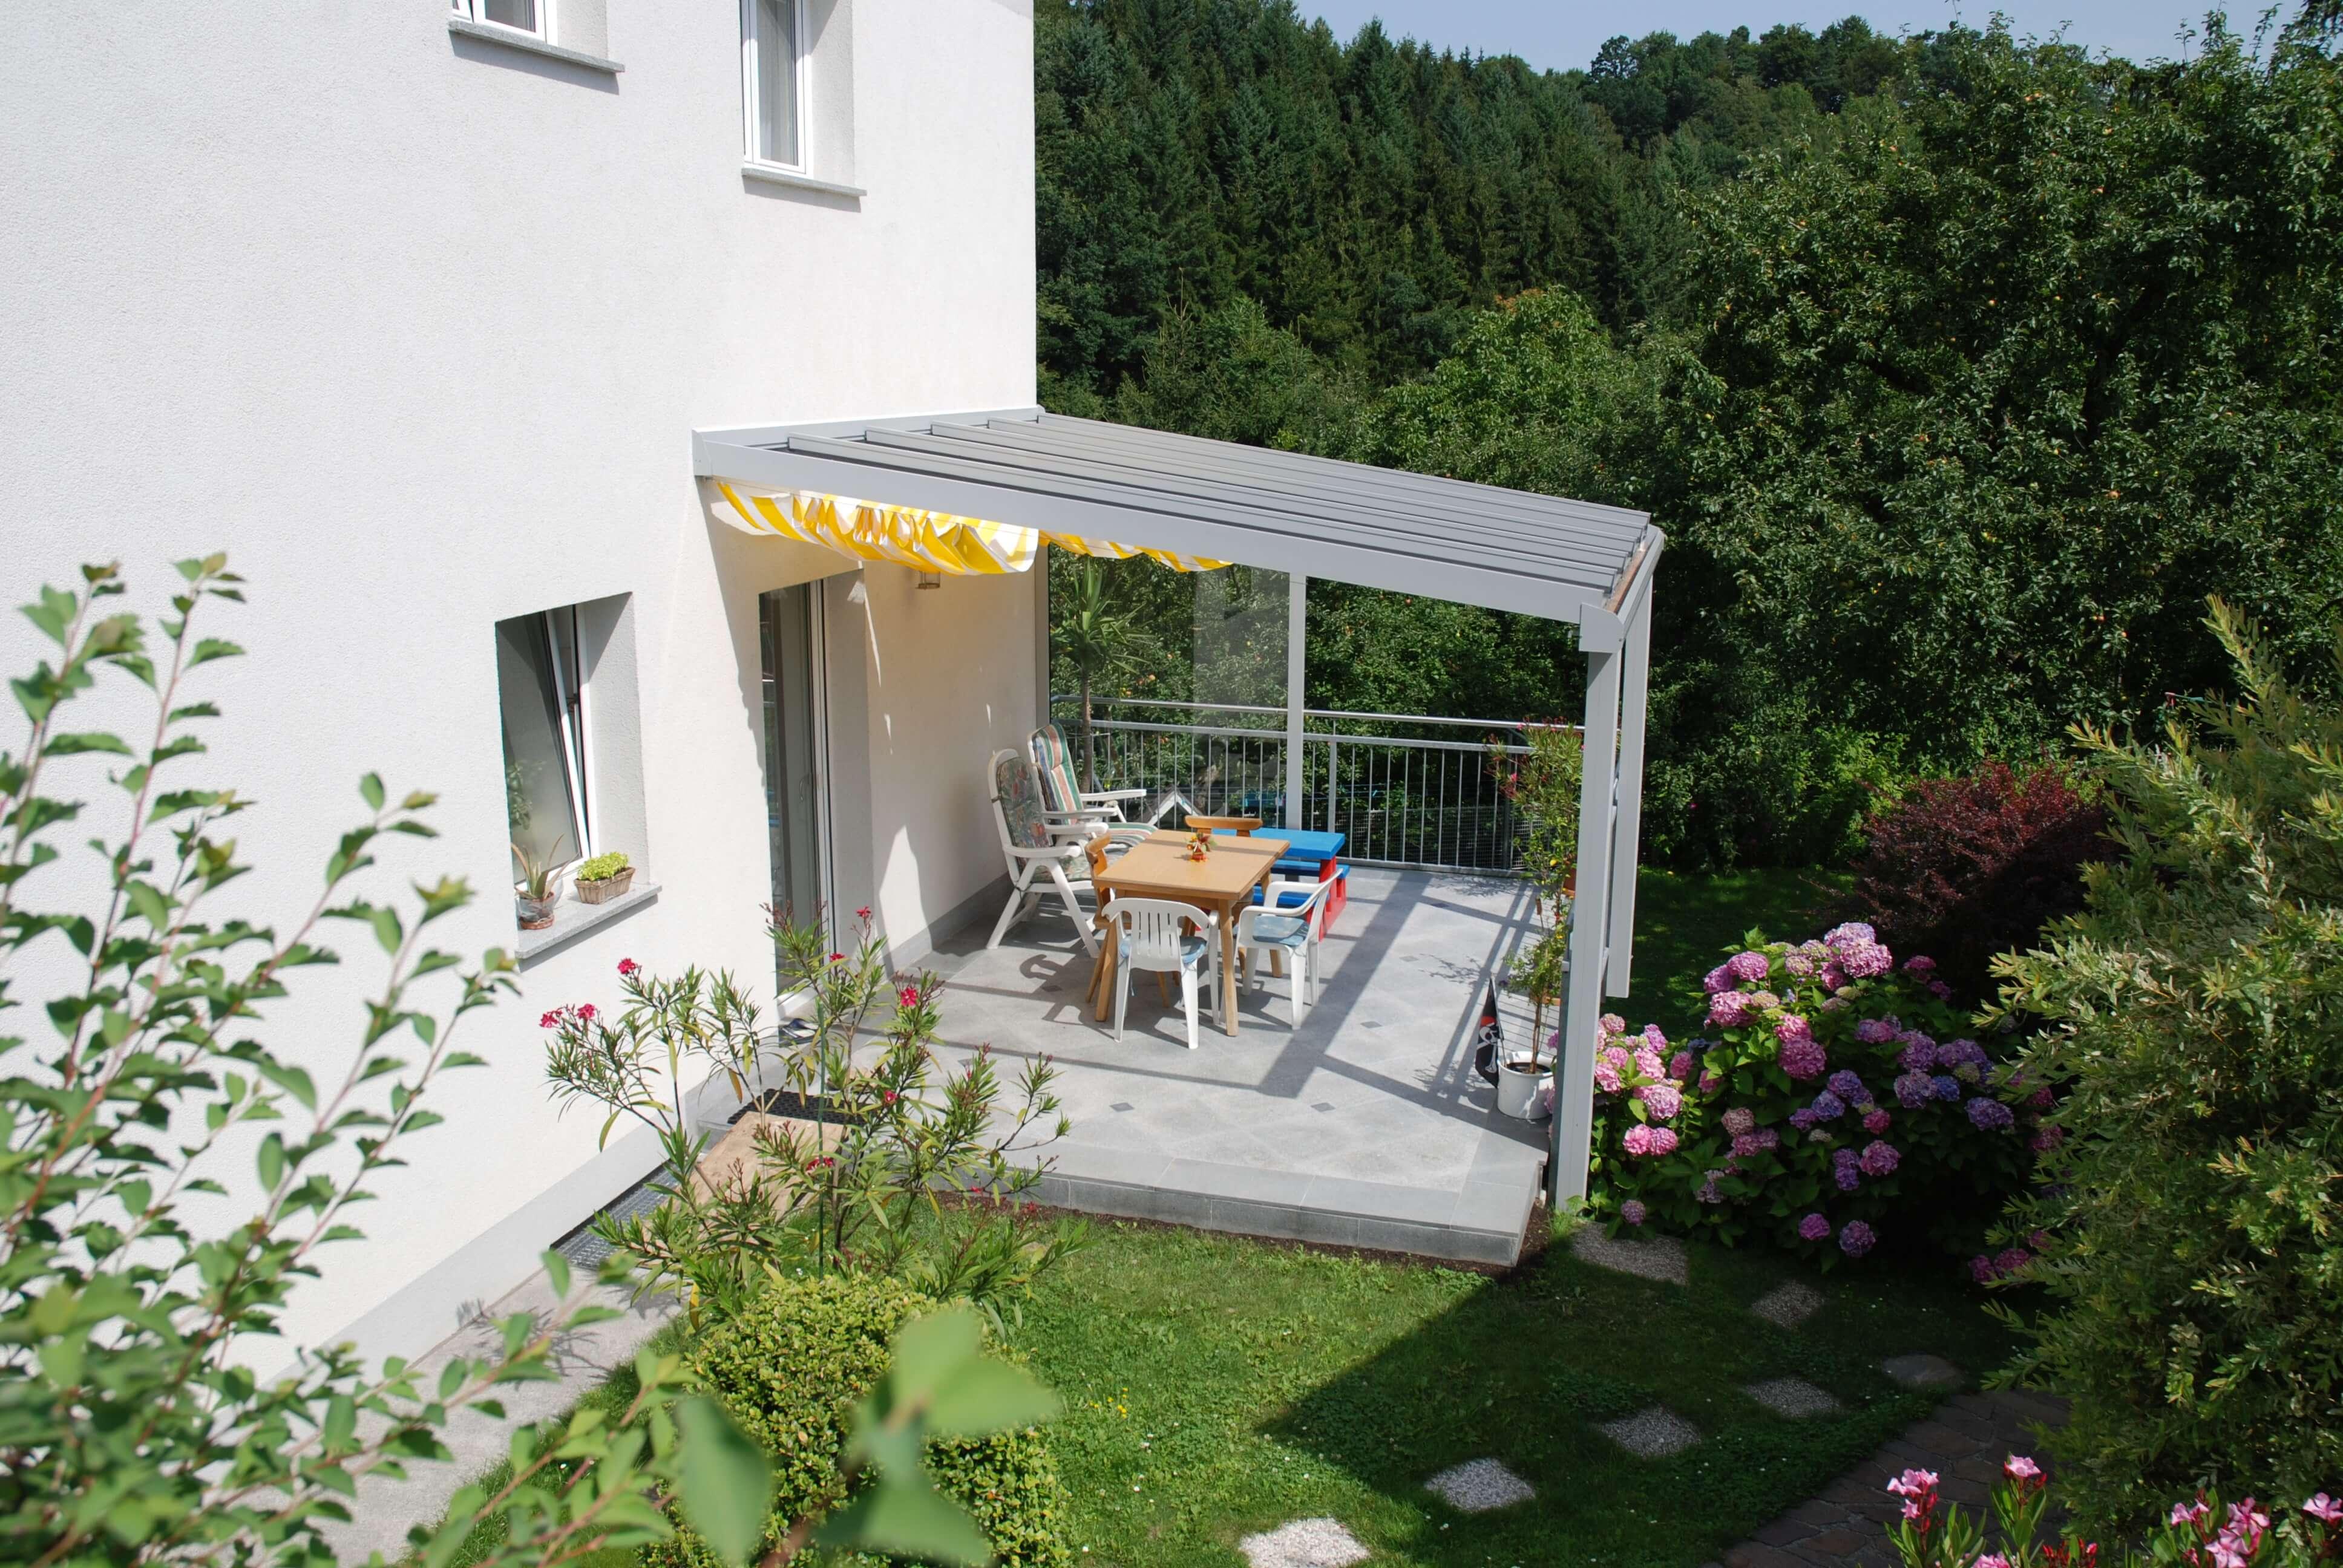 Terrassenüberdachung weißaluminium RAL 9006